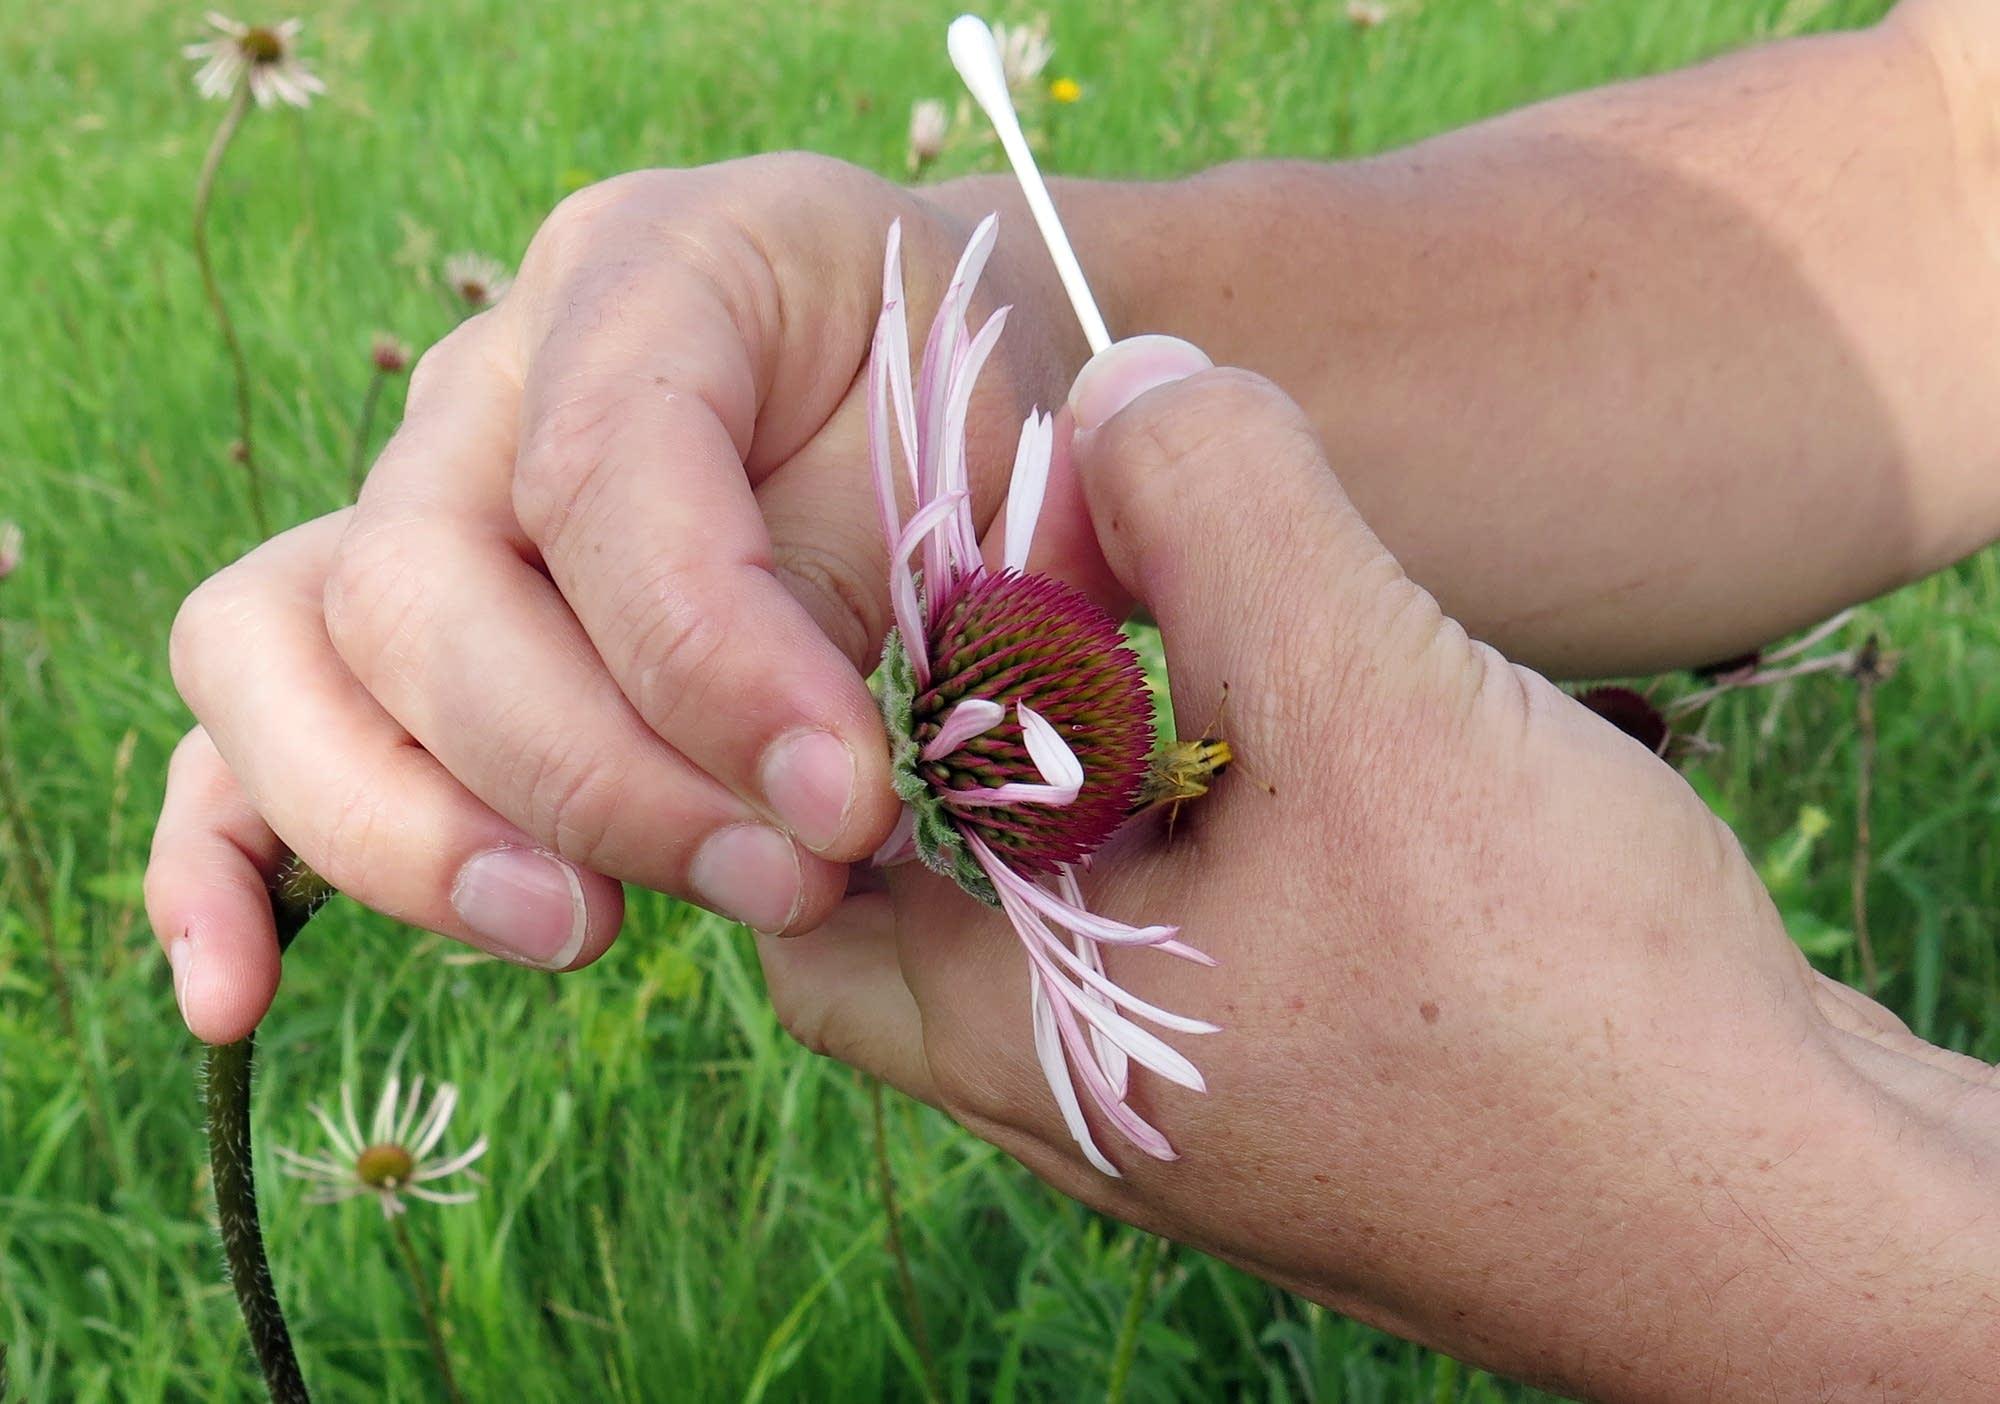 A Dakota skipper butterfly crawls from Erik Runquist's hand.